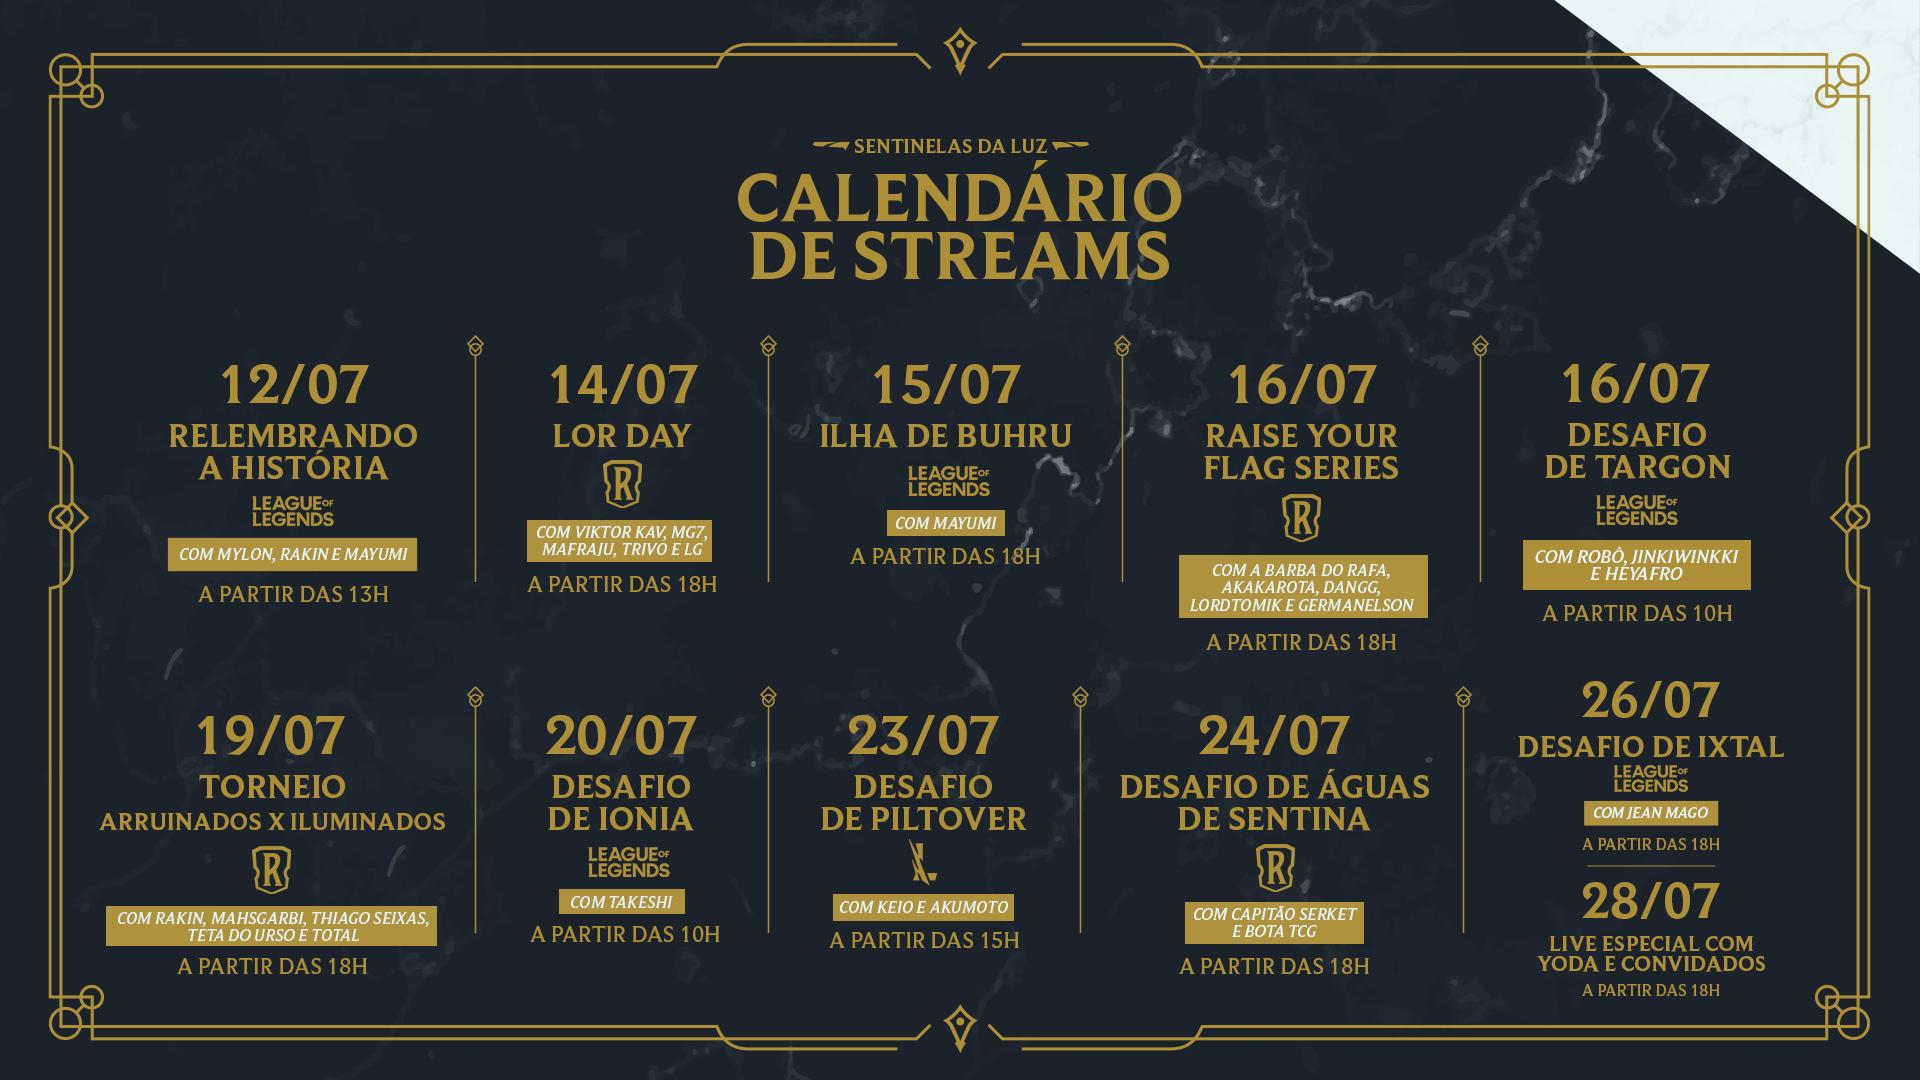 Calendario_de_Streams_WIDE_v3.png